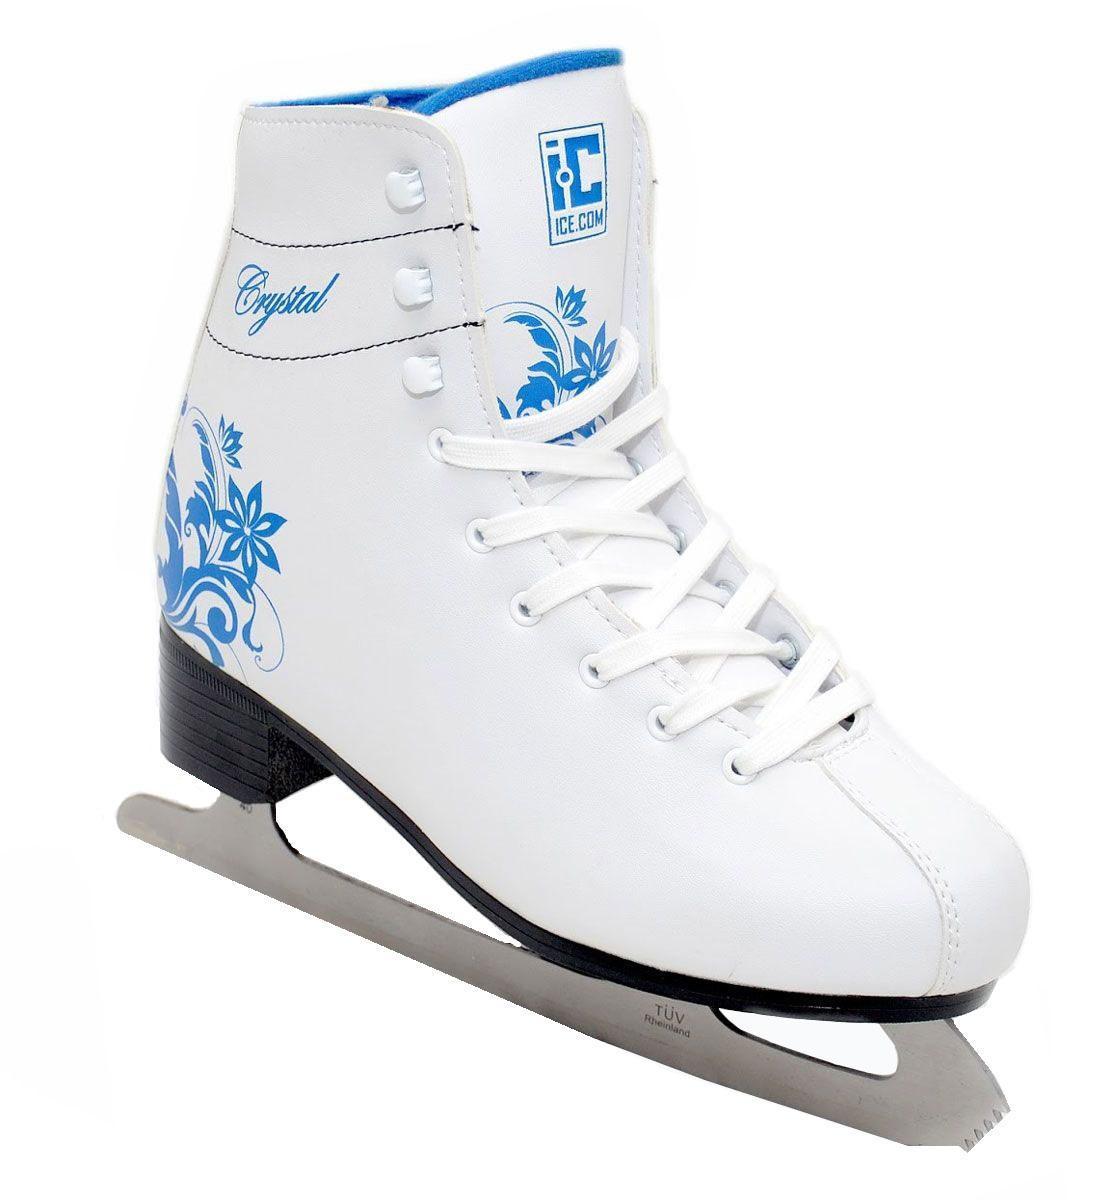 Коньки фигурные детские Ice.Com Crystal 2014-2015, цвет: синий, белый. Размер 33Crystal 2014-2015Высокий классический ботинок идеально подойдет для начинающих. Конструкция ботинка разработана специально с учетом того что нога при катании должна находиться в полусогнутом состоянии и голень имеет небольшой наклон вперед. Верх ботинка выполнен из морозостойкой искусственной кожи, подошва - морозостойкий ПВХ. Стальное никелированное высокопрочное лезвие, сертифицировано TUV. Для того, чтобы Вам максимально точно подобрать размер коньков, узнайте длину стопы с точностью до миллиметра. Для этого поставьте босую ногу на лист бумаги А4 и отметьте на бумаге самые крайние точки Вашей стопы (пятка и носок). Затем измерьте обычной линейкой расстояние (до миллиметра) между этими отметками на бумаге. Не забудьте учесть 2-3 мм запаса под носок.